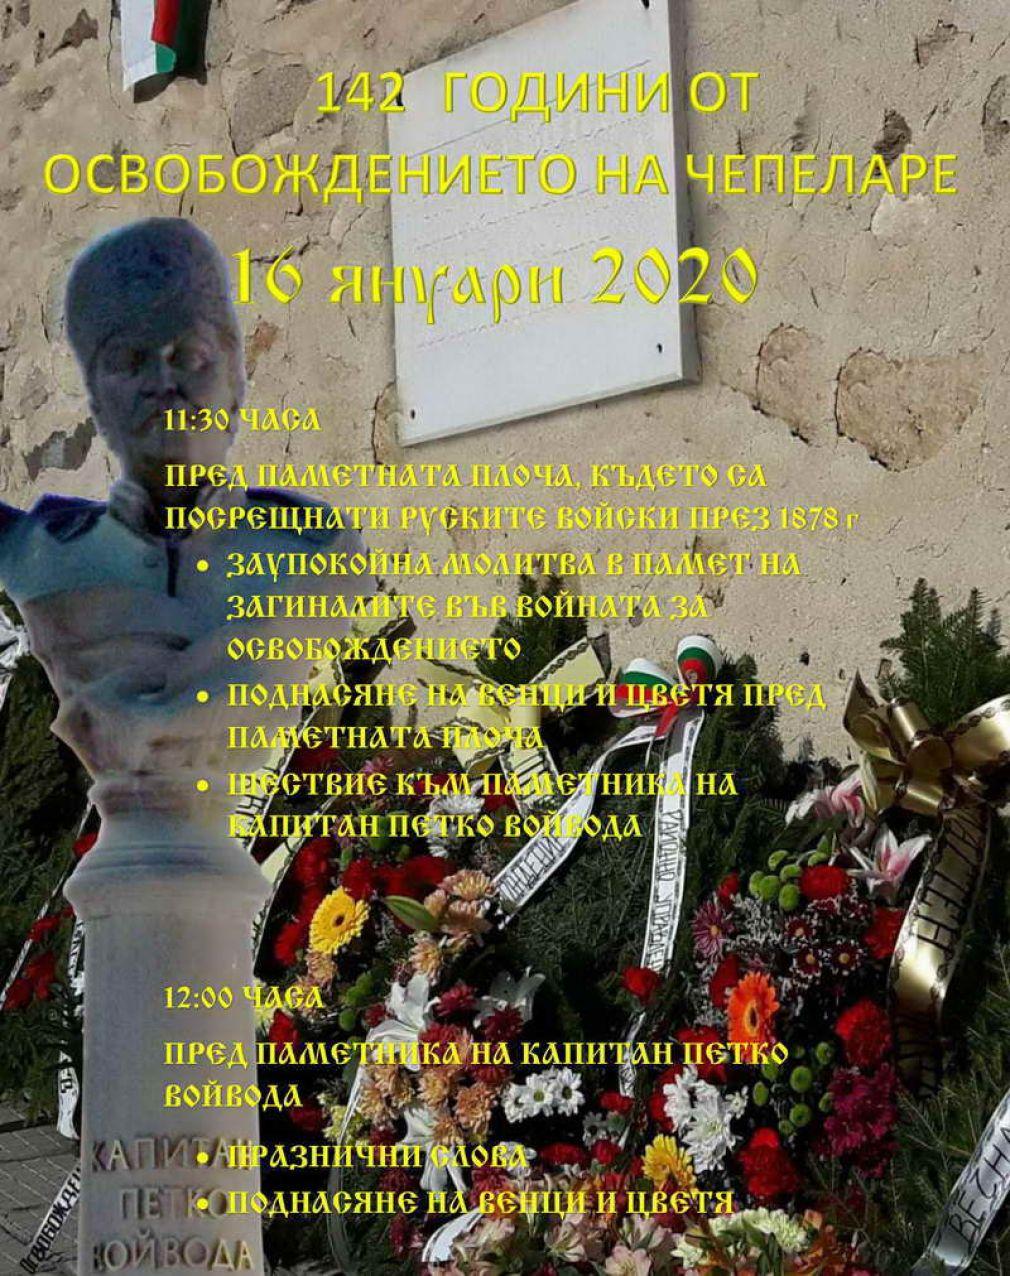 Чепеларе чества 142 години от освобождението си